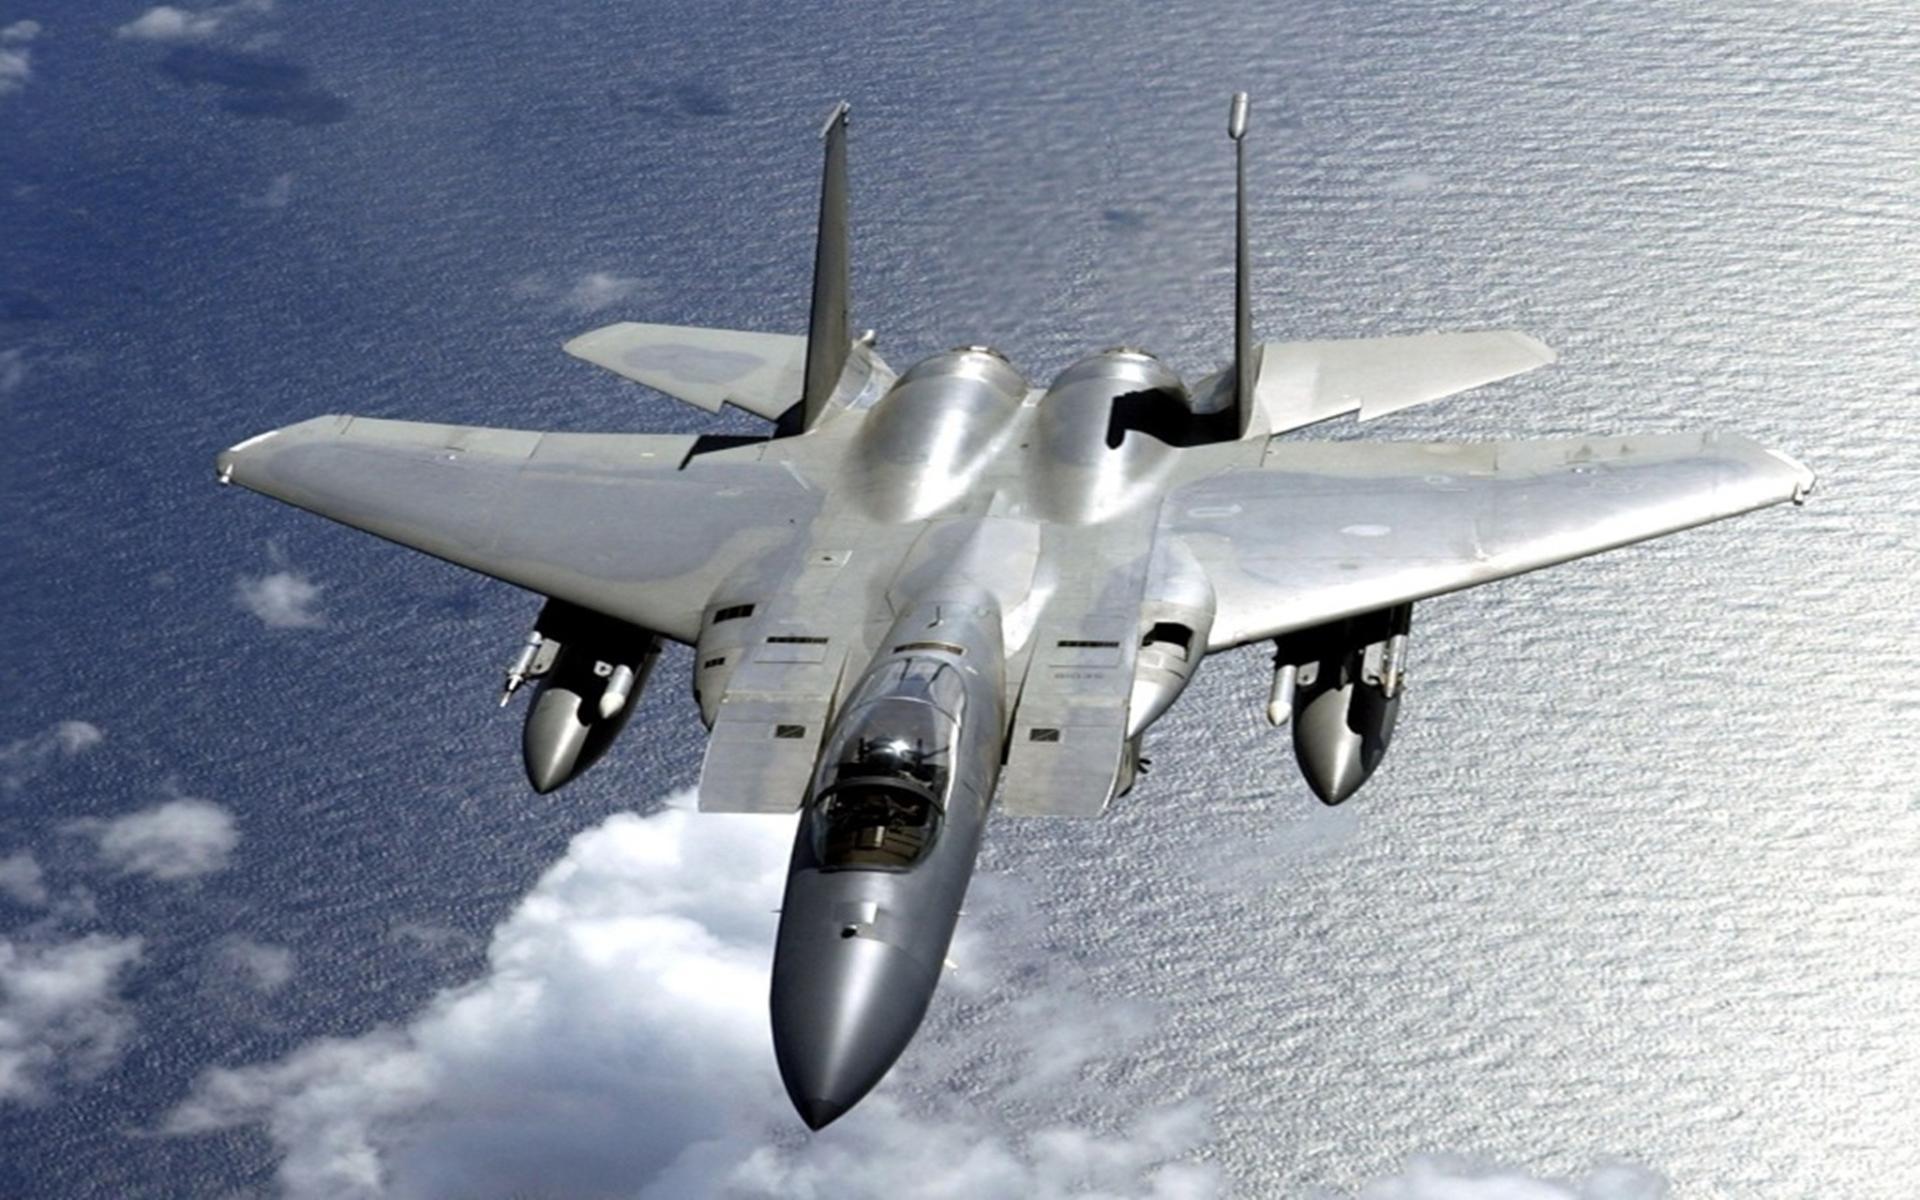 张召忠赞不绝口:5架美战机打不下1架,导弹都追不上,羡慕也没用